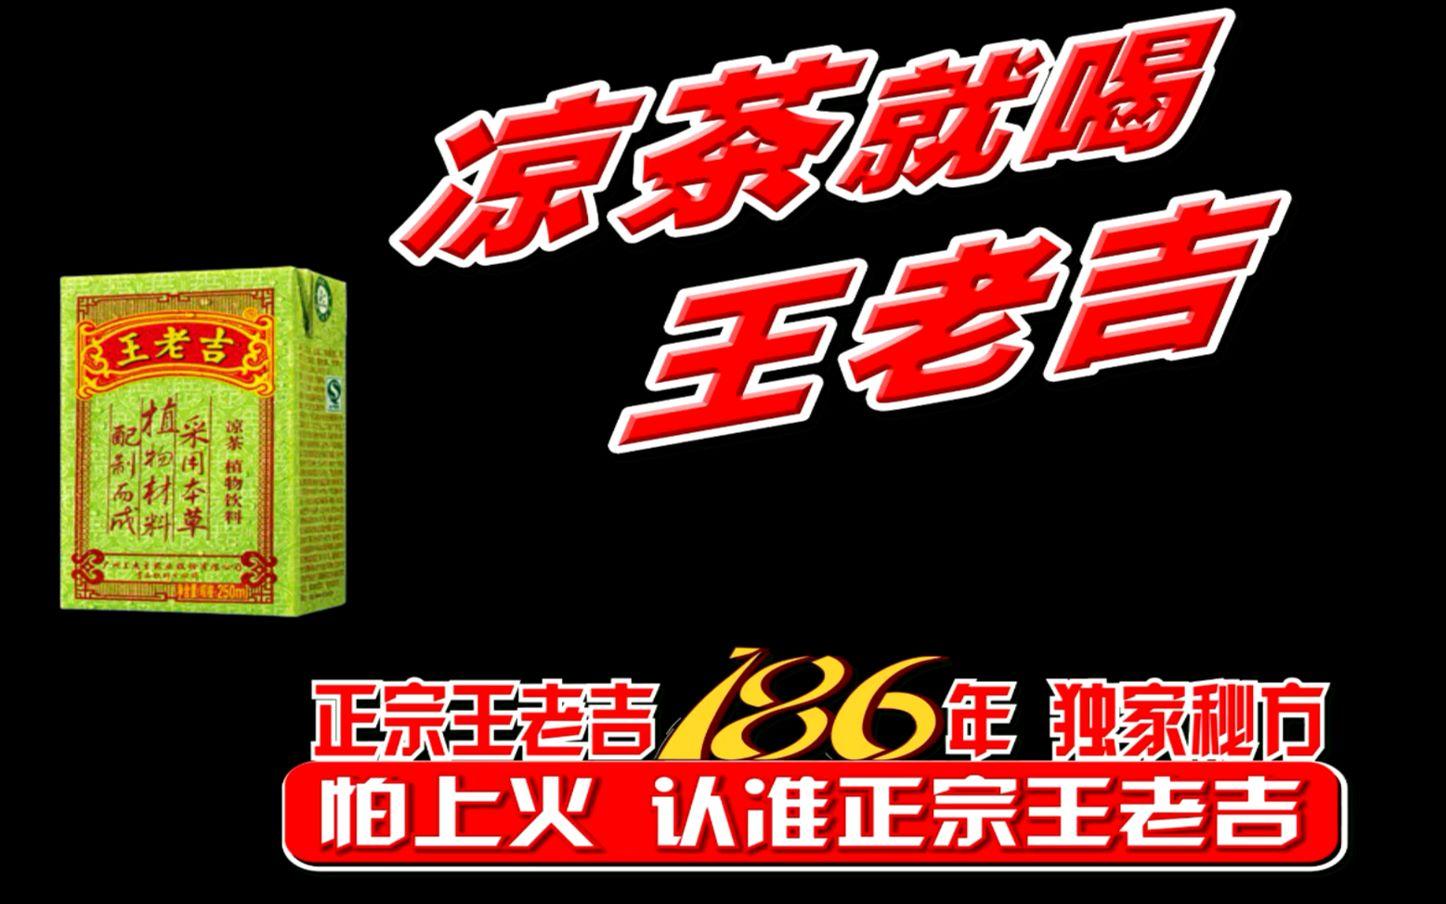 【脑残广告】王老吉创意广告图片